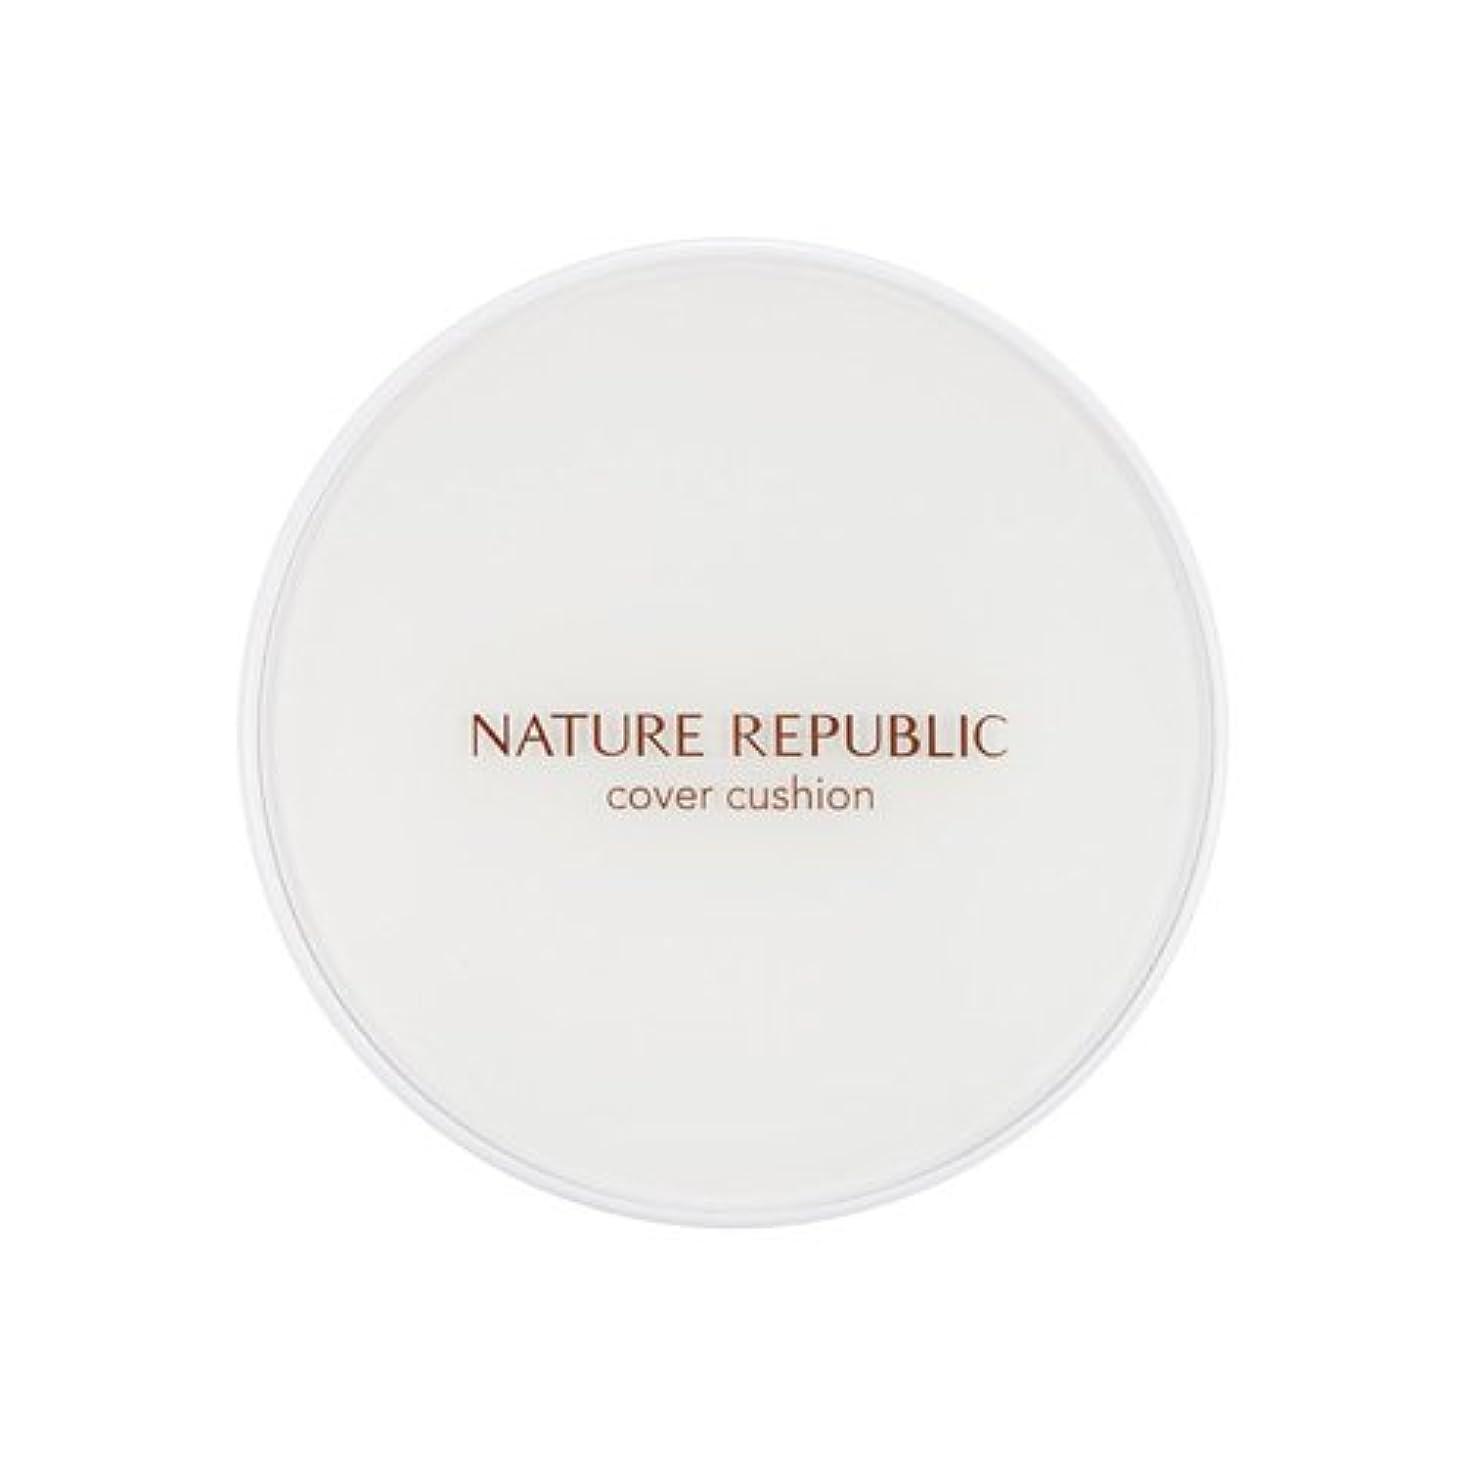 延期する溶接証明書[Outlet] NATURE REPUBLIC Nature Origin Cover Cushion (01 Light beige) (SPF50+ PA+++) [並行輸入品]